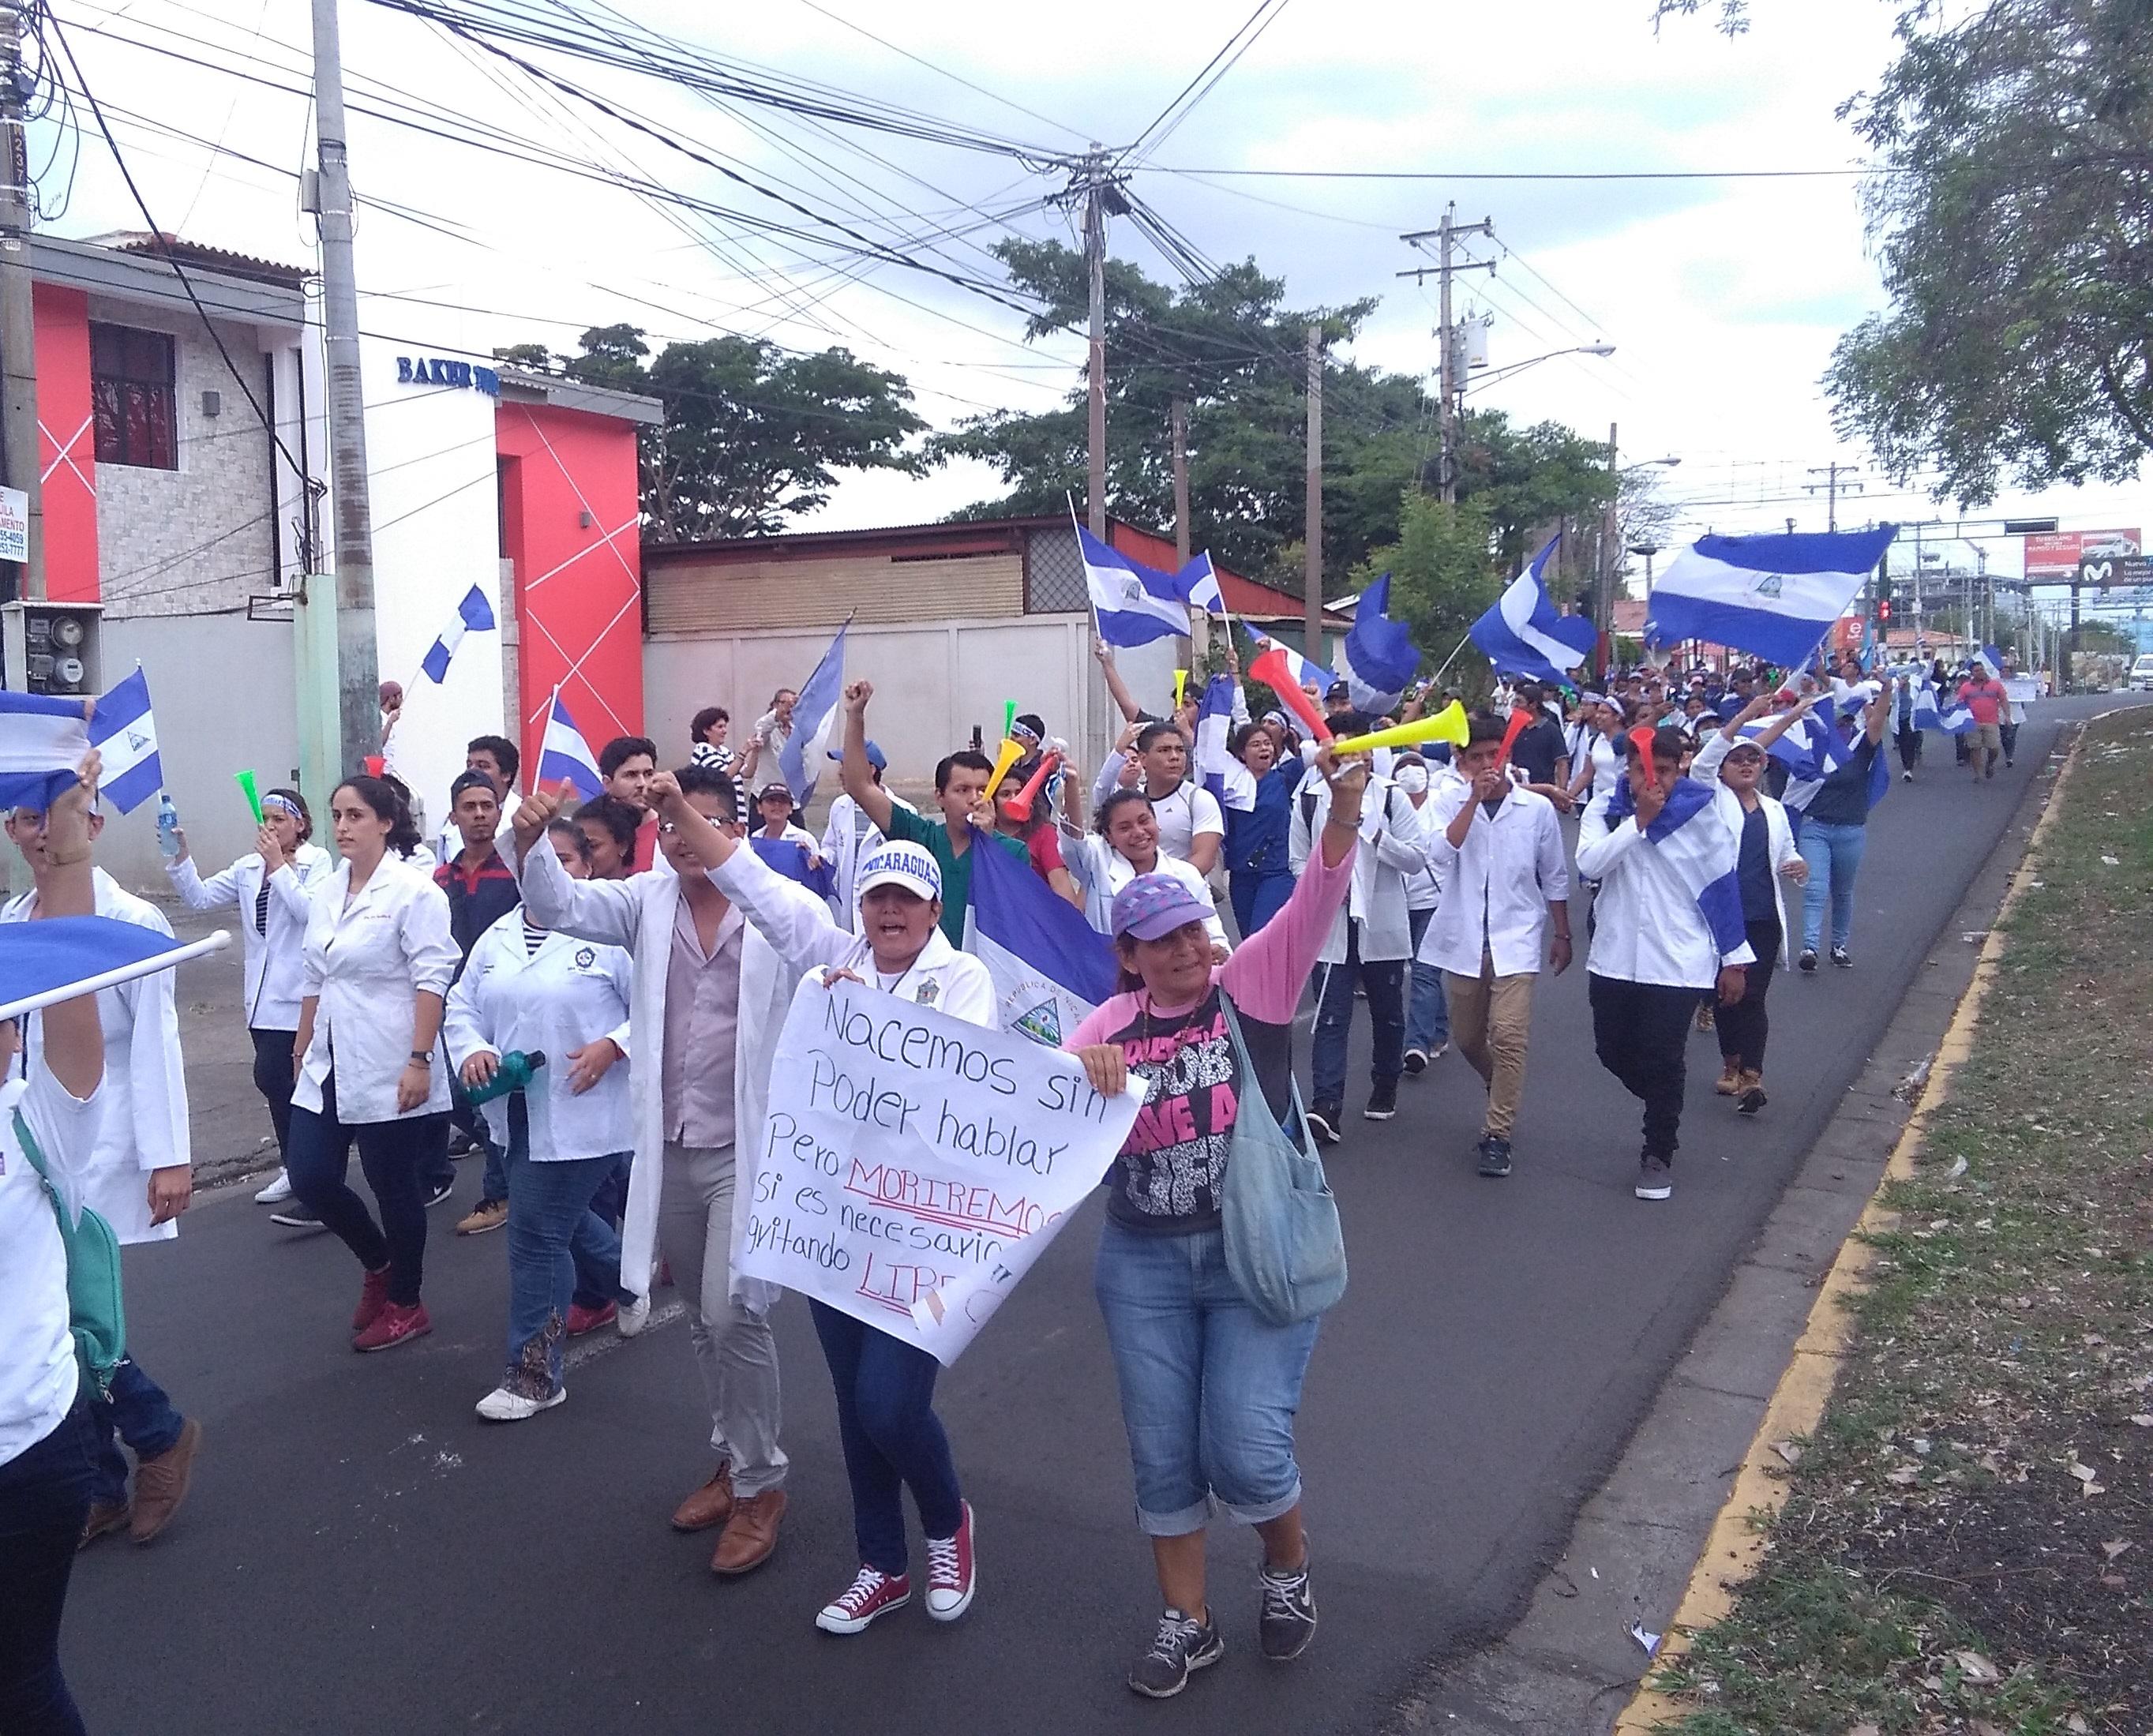 Marcha de estudiantes de medicina hacia la UNAN-Managua. Foto: J. Somarriba